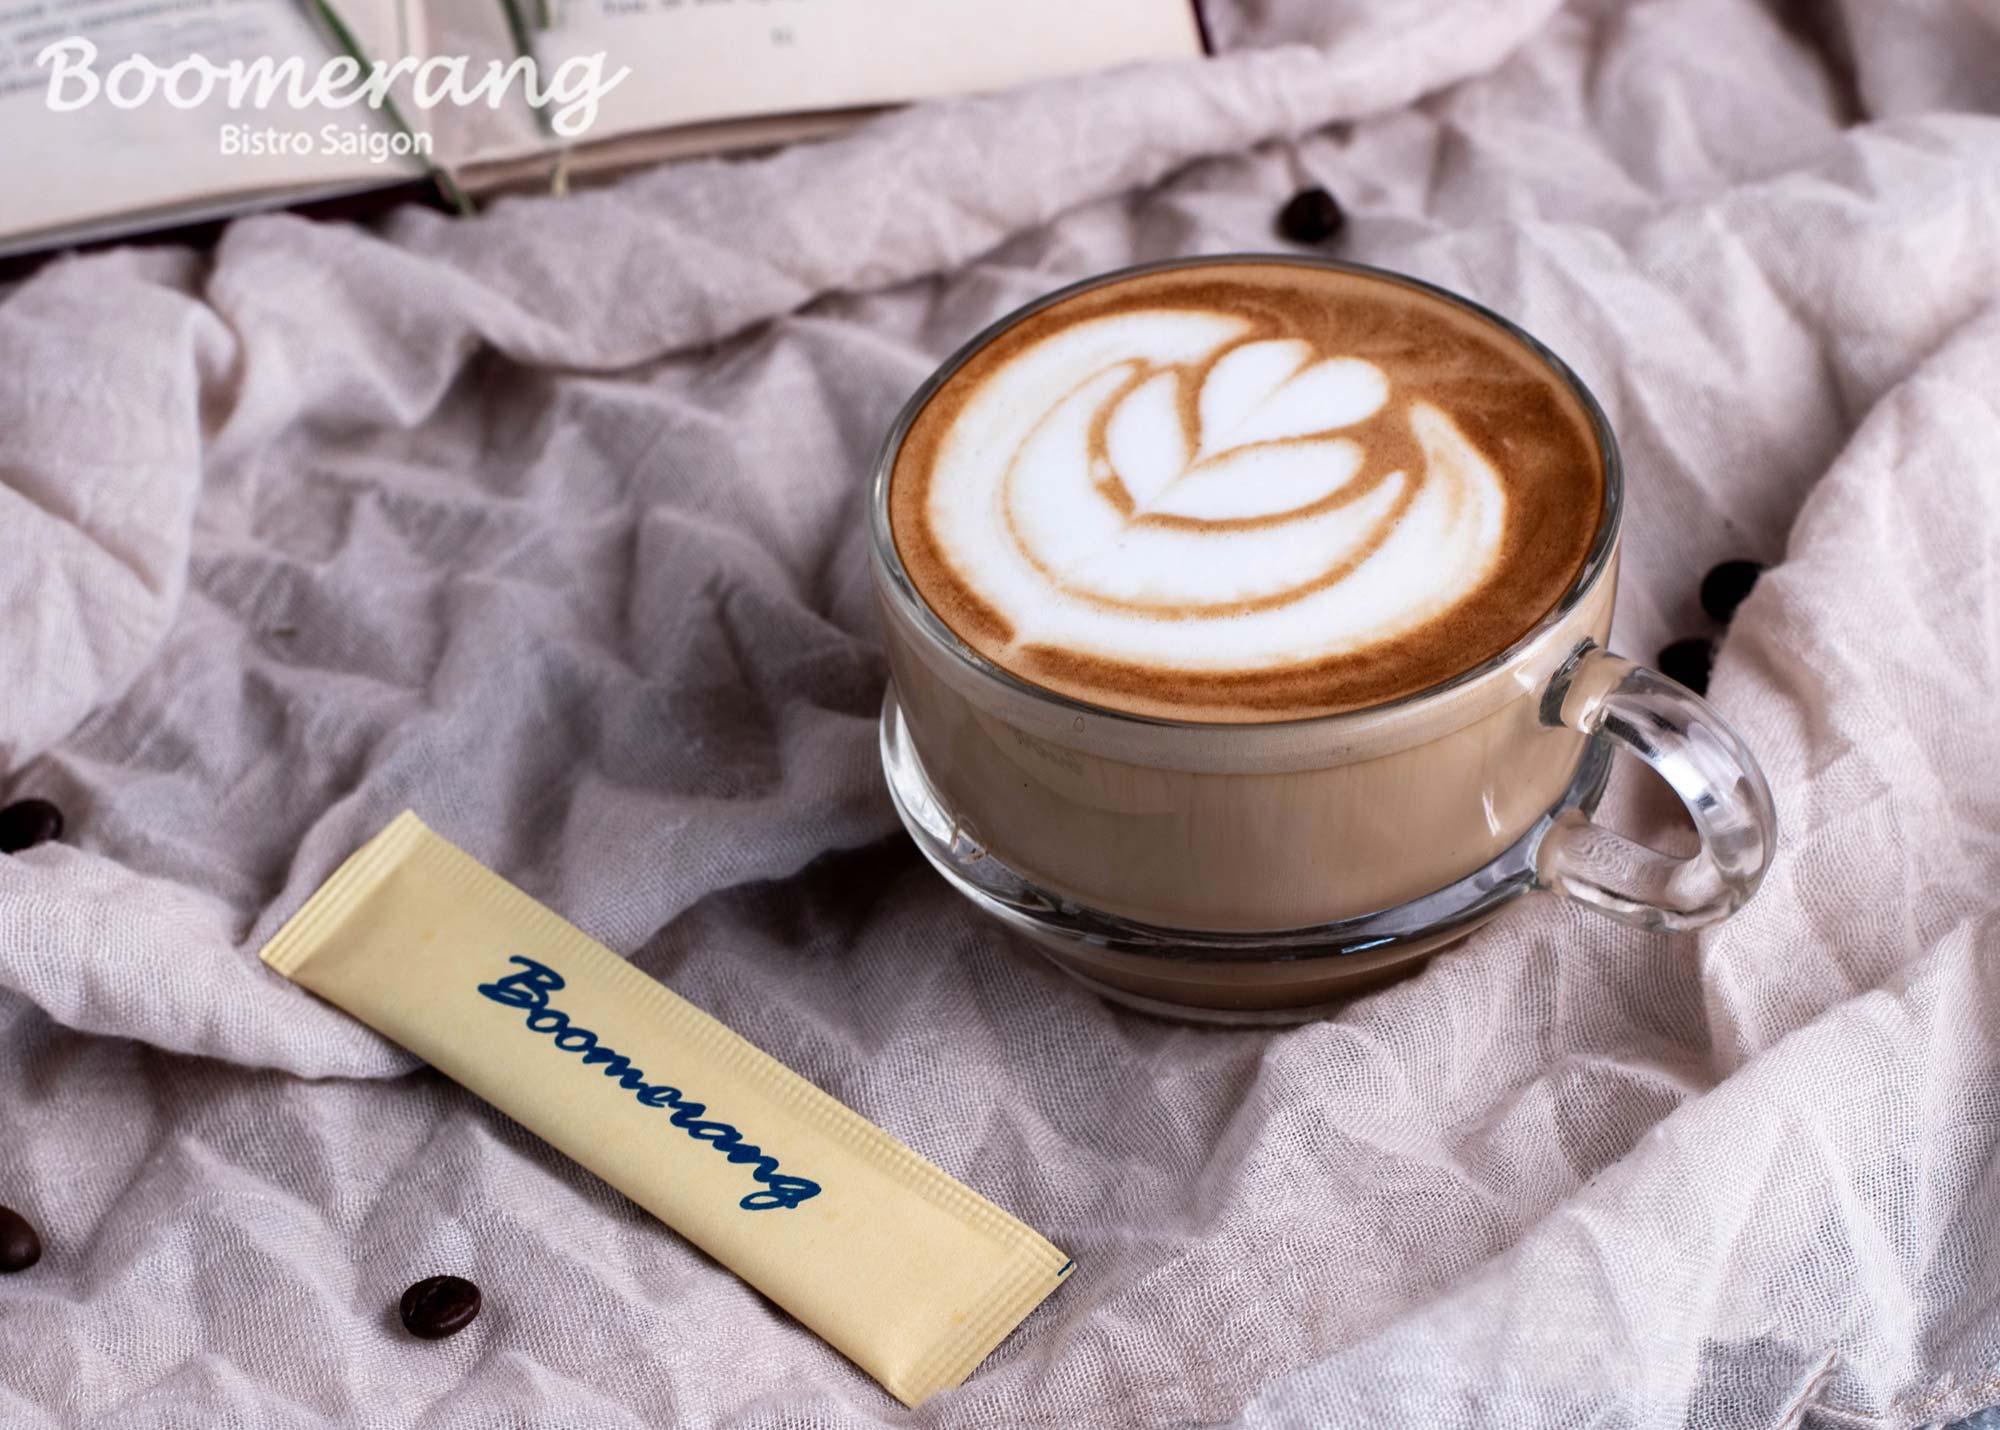 Late cappuccino